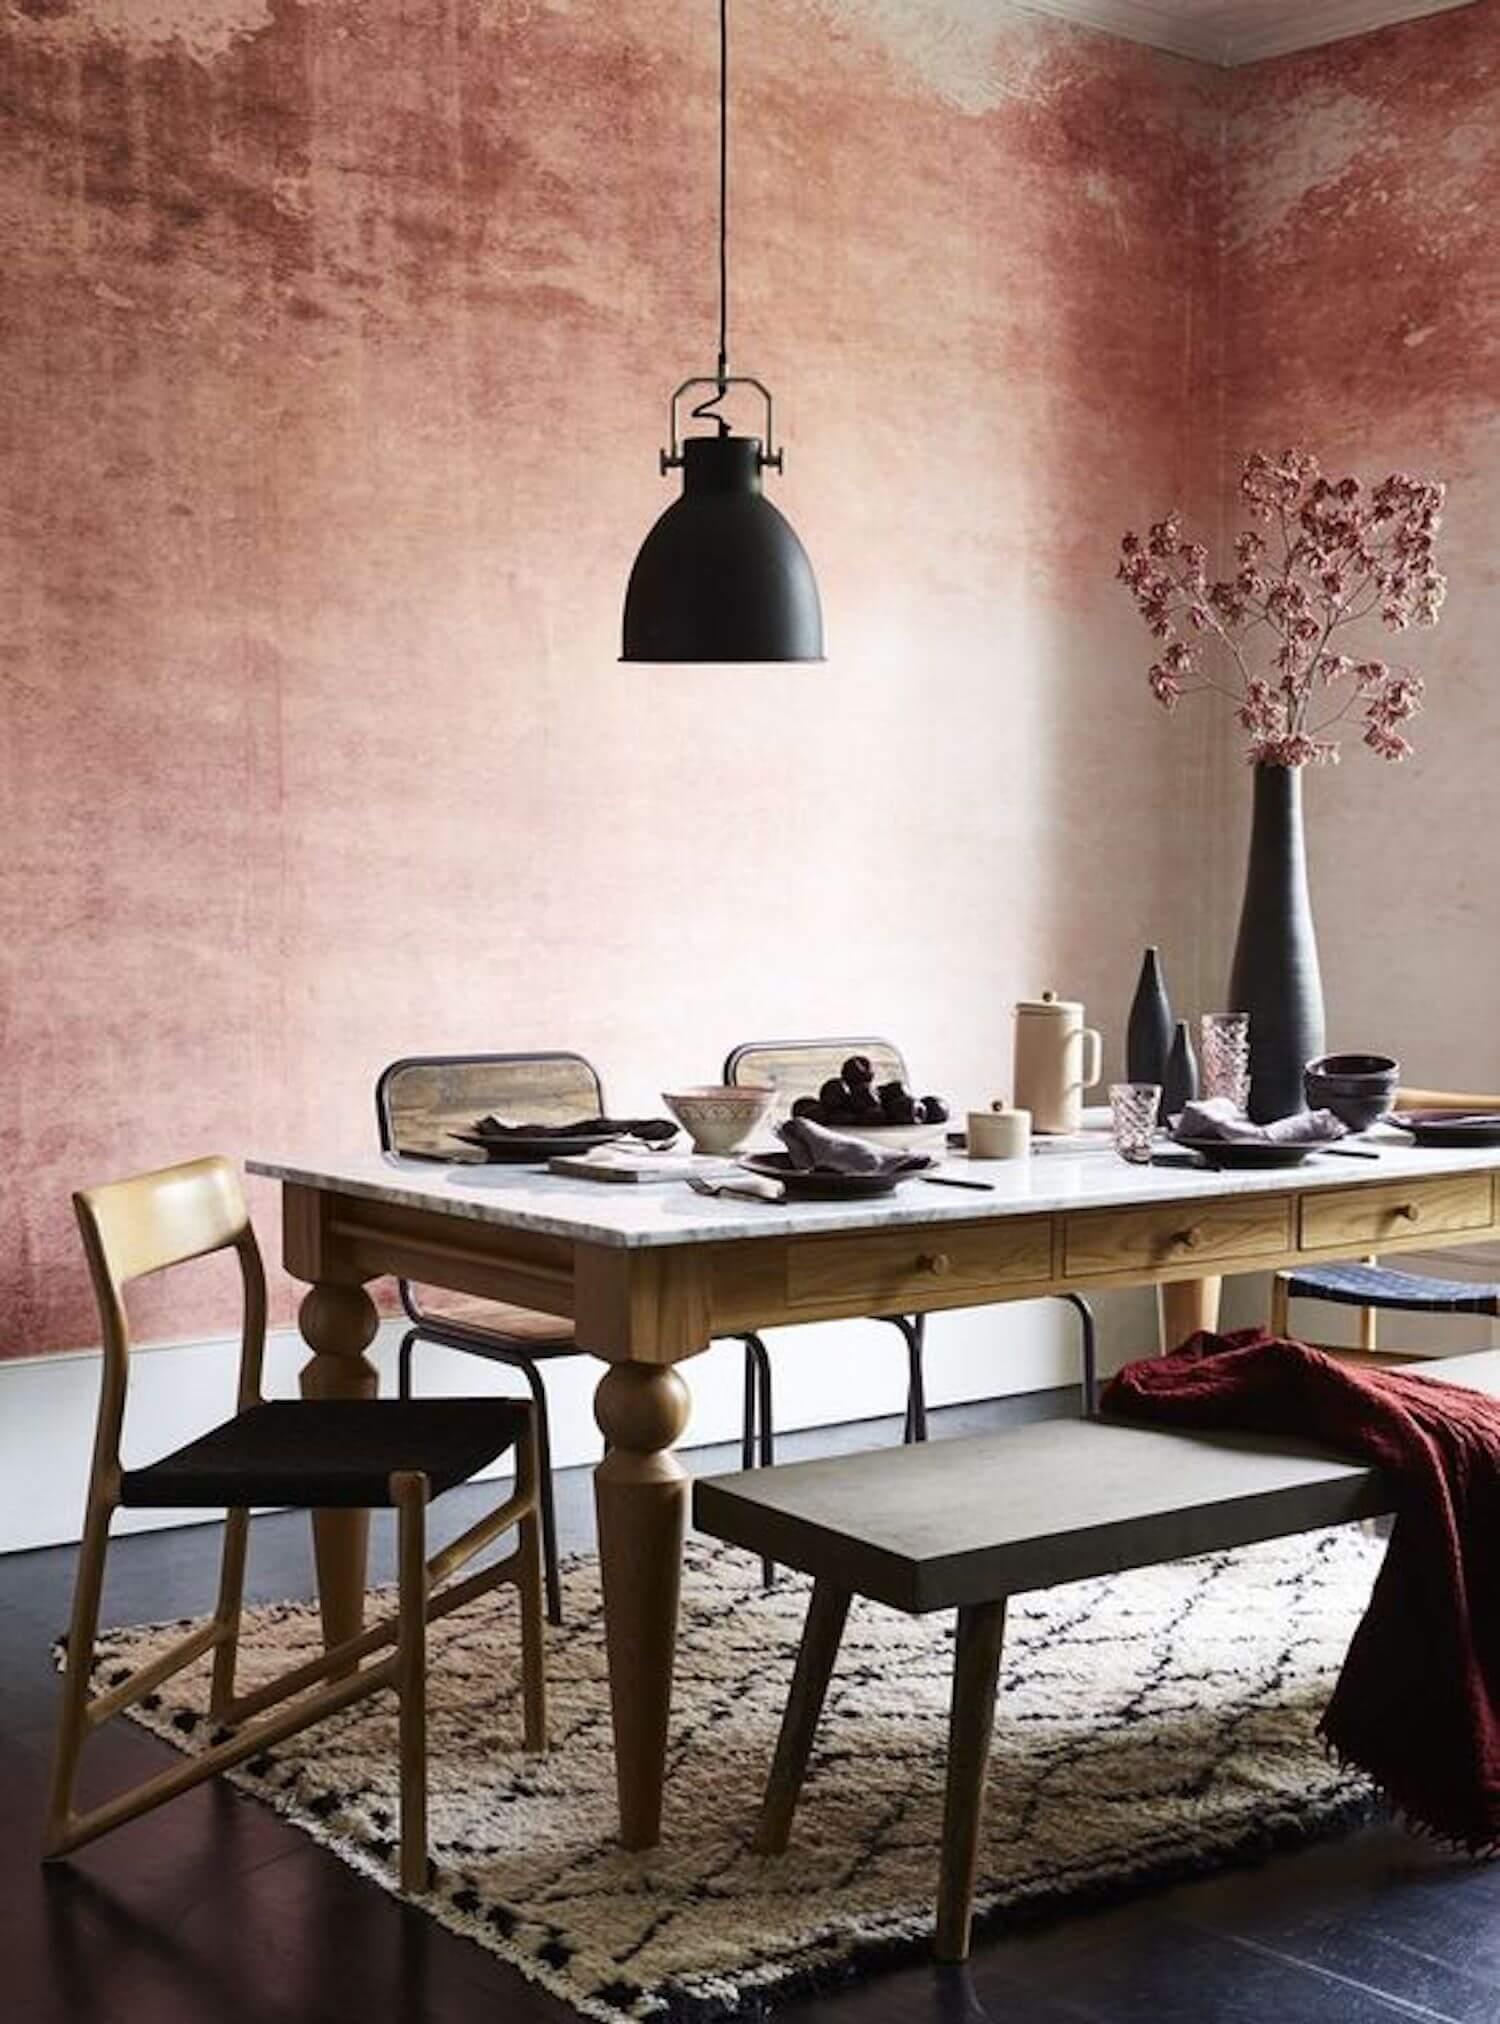 est living est edit wallpaper wonders grunge pink